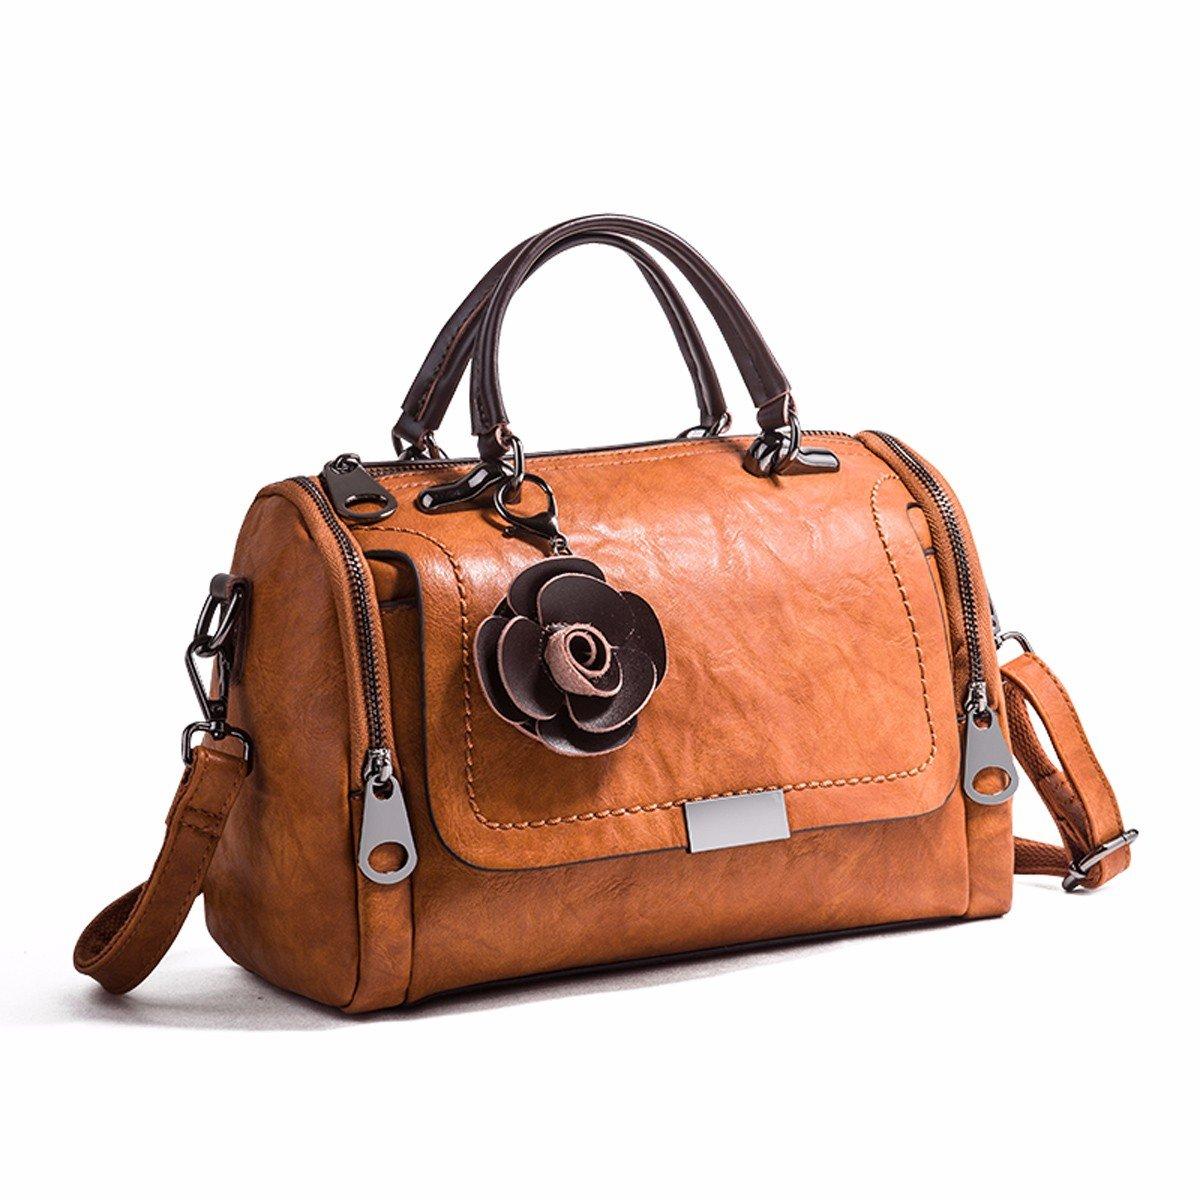 GTVERNH-der Frauen/Mode Handtasche/All-Match/Lady Handtasche Retro - Mode Taschen Joker Schulter ranzen Weiches Leder - Tasche.